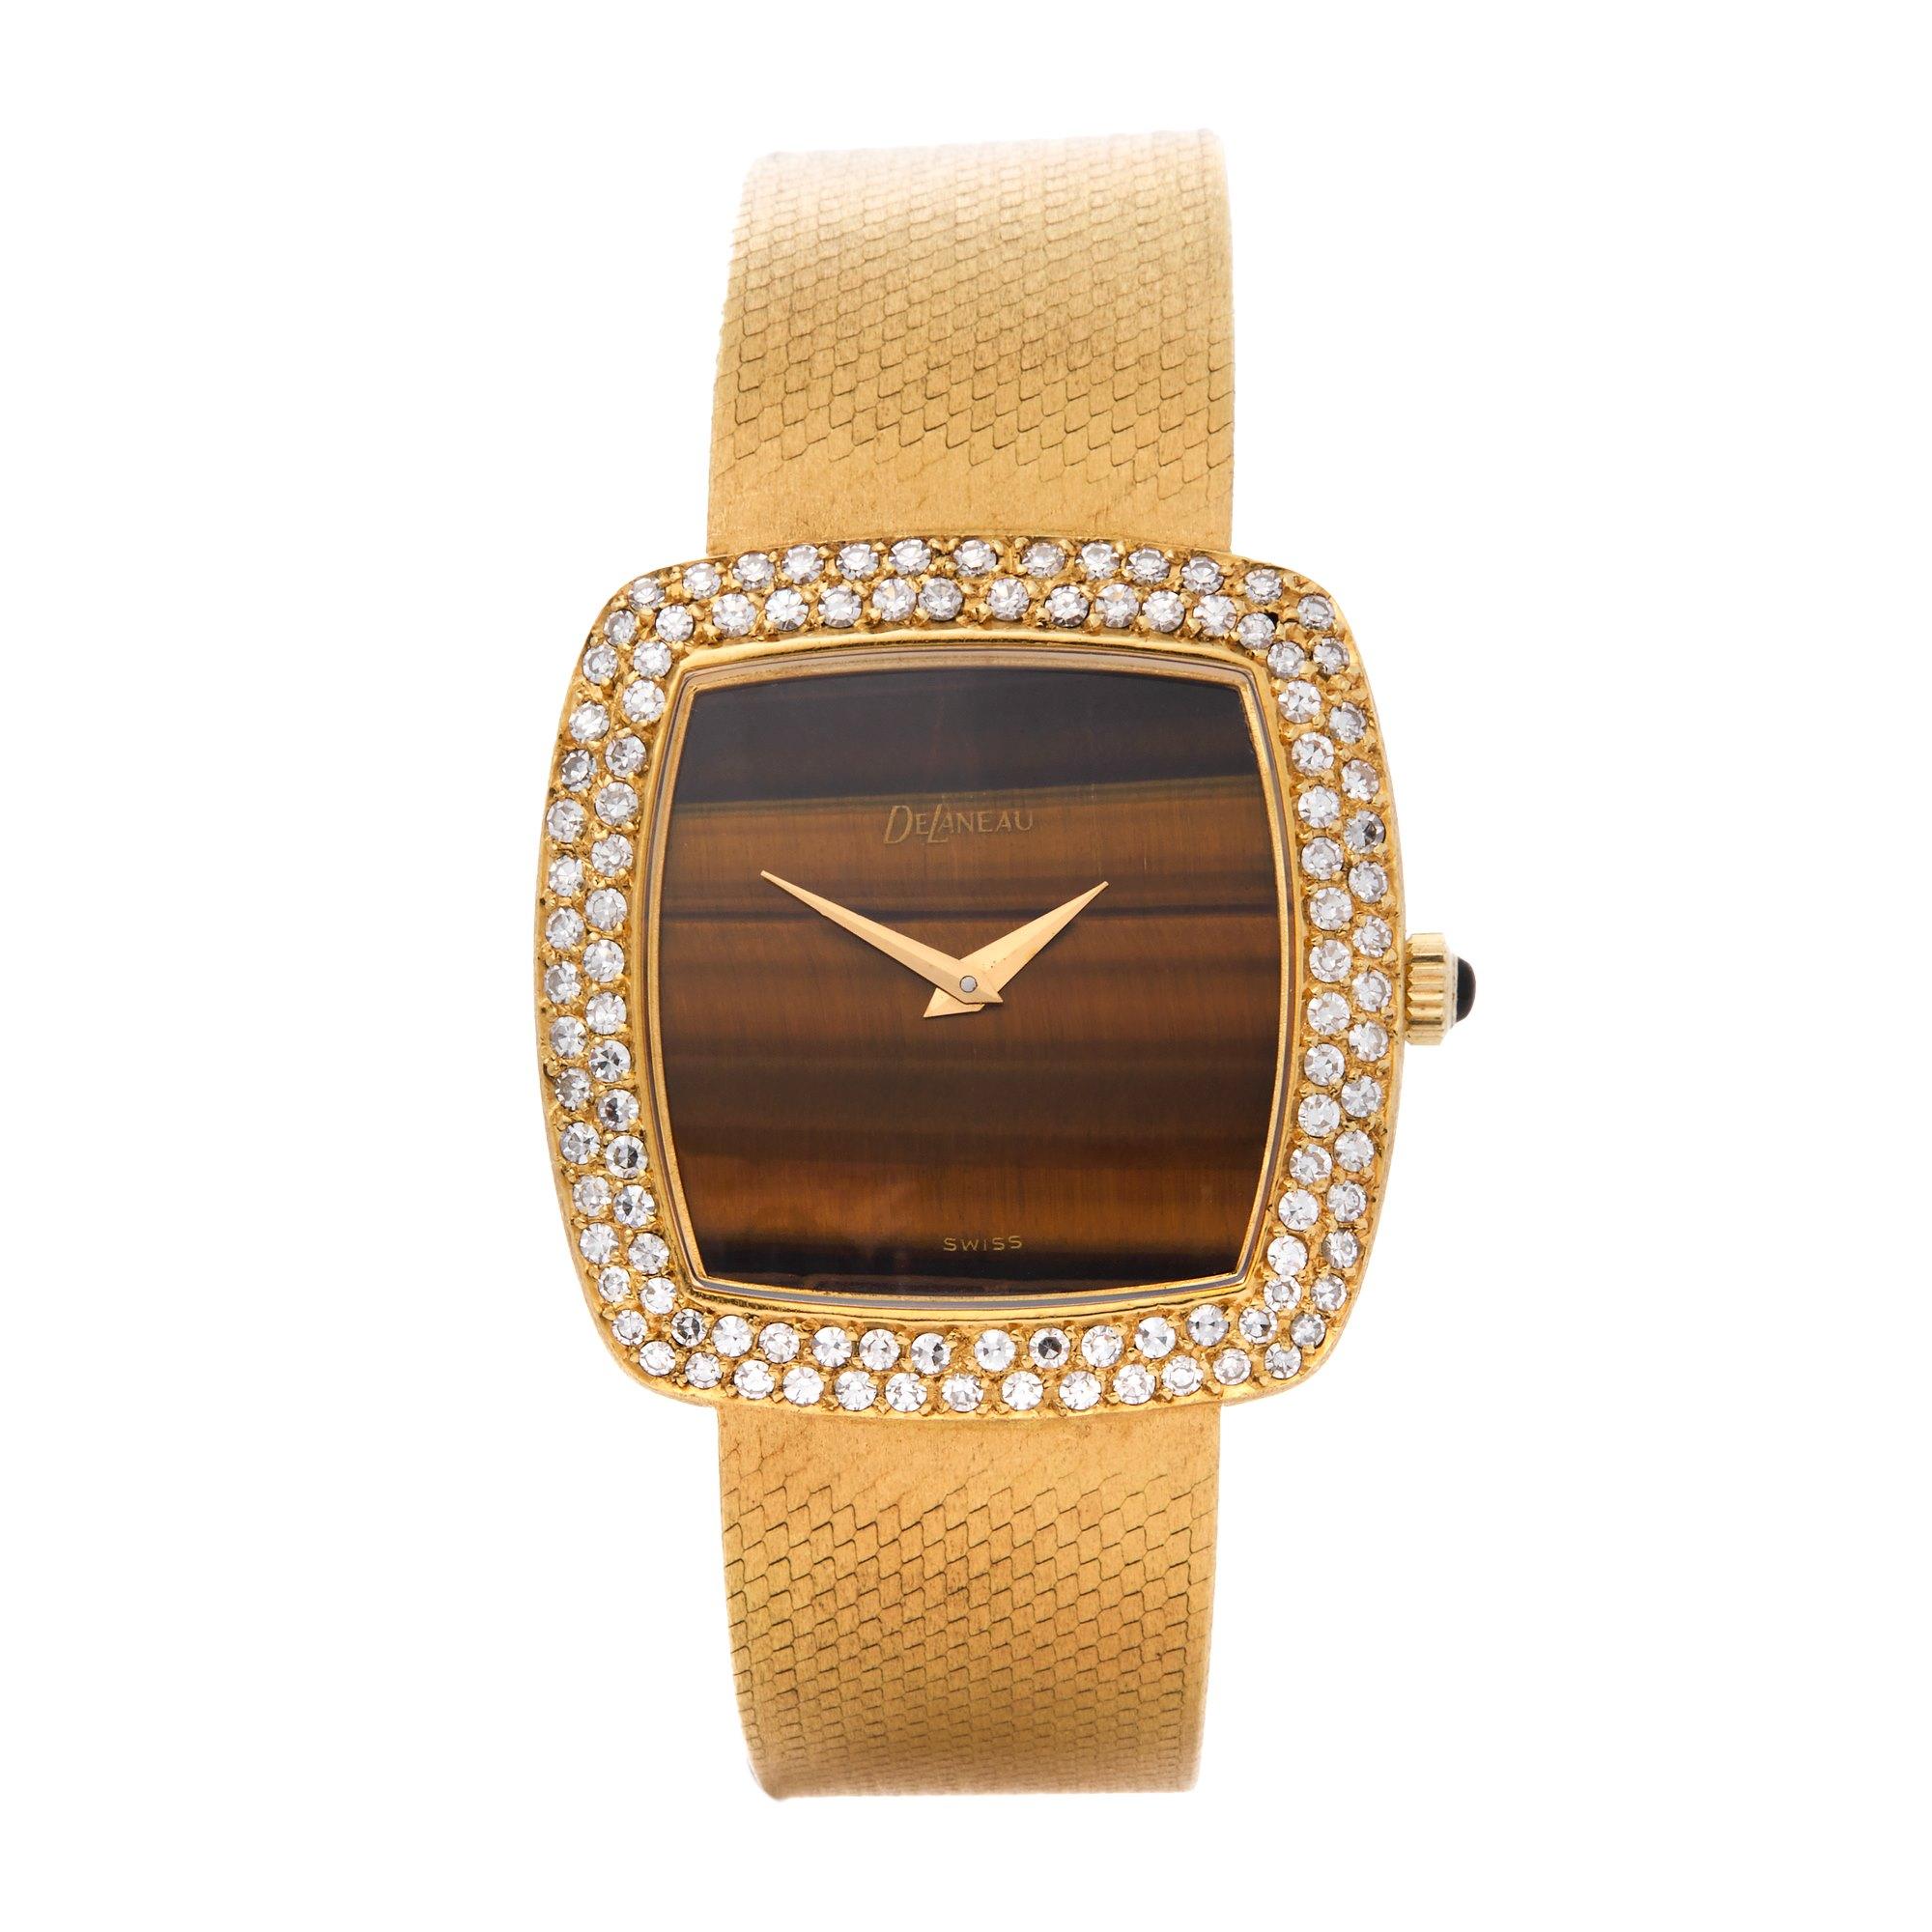 Delaneau Vintage Tiger-Eye Diamond 18K Yellow Gold N/A